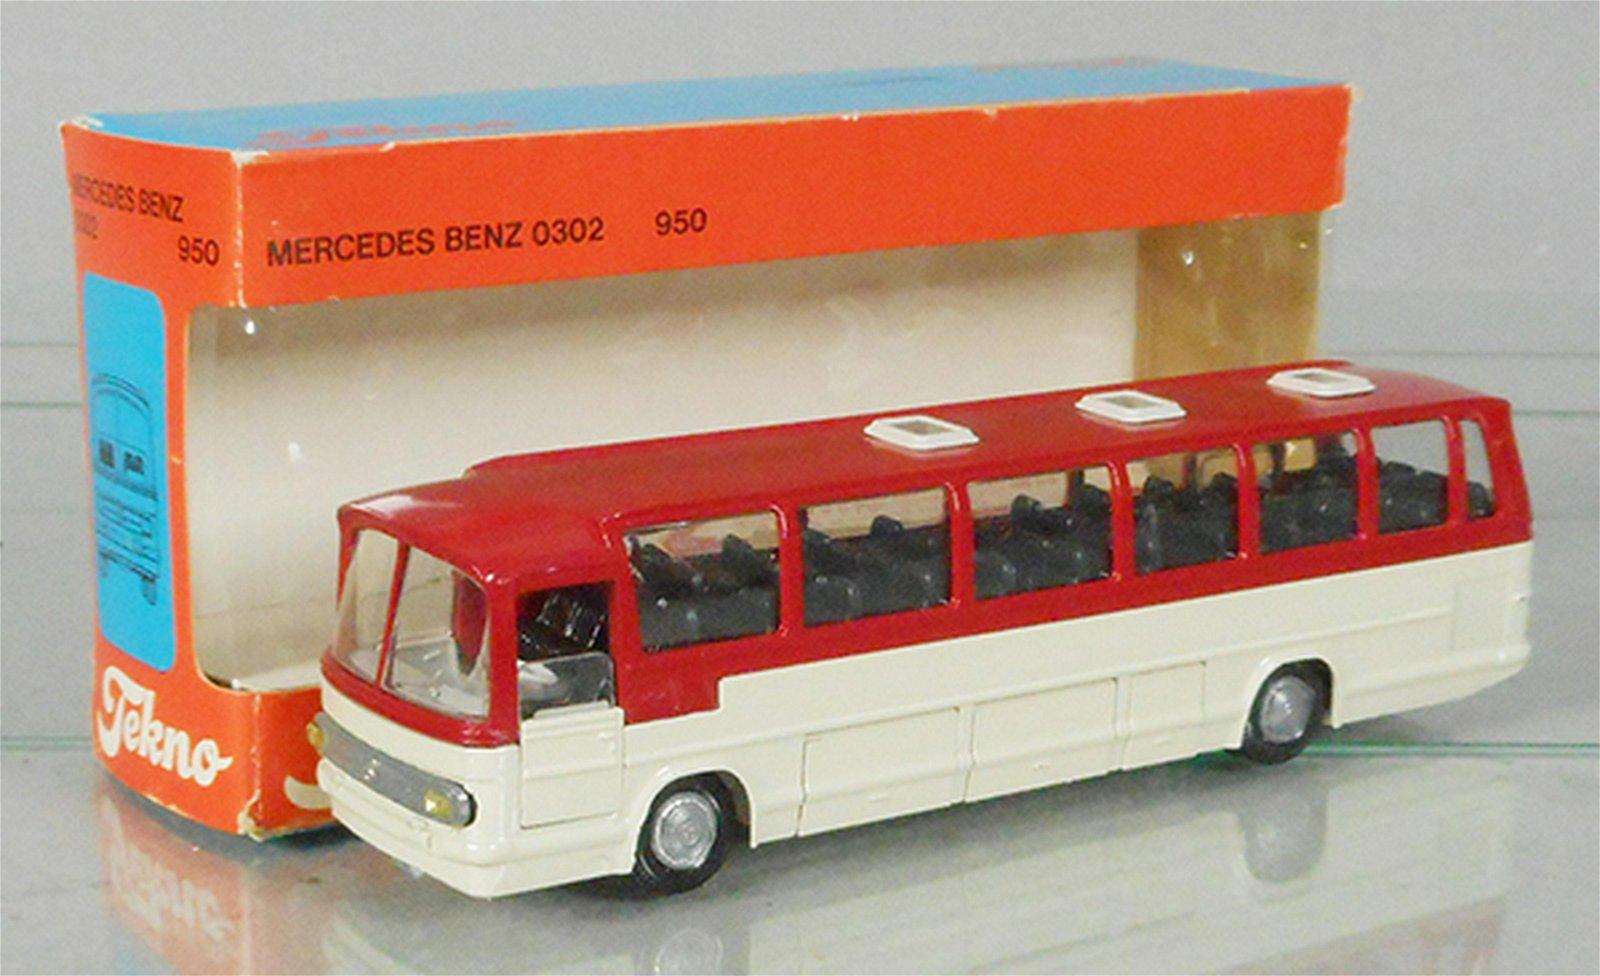 TEKNO 950 MERCEDES BENZ 0302 BUS